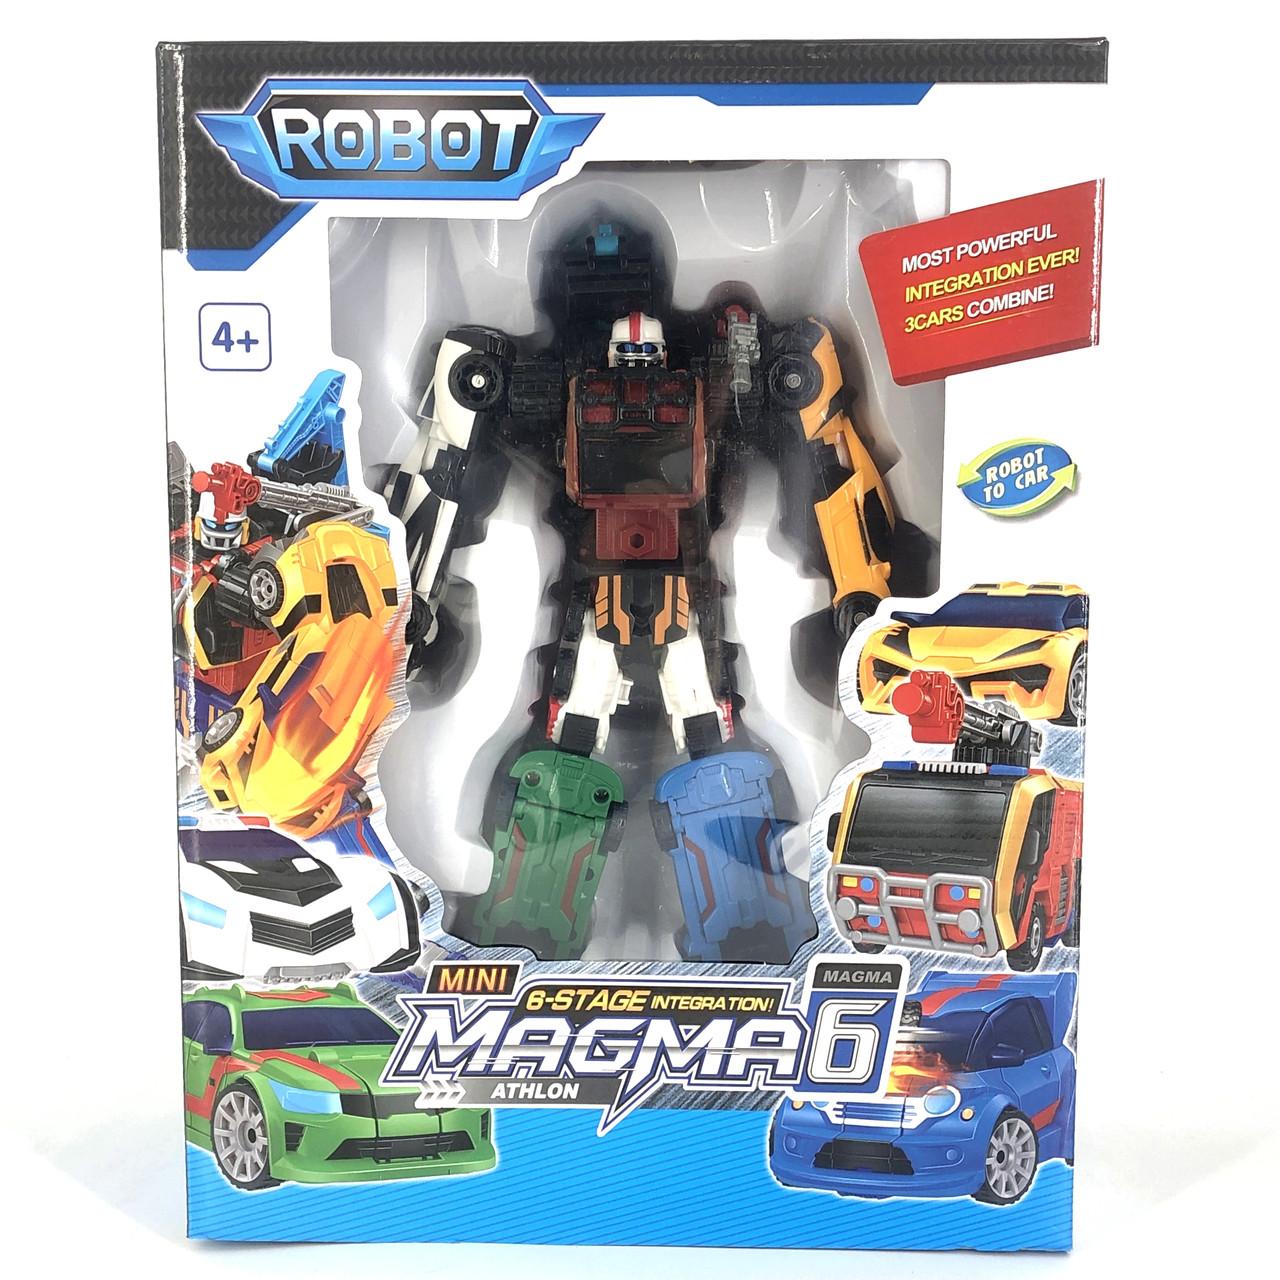 Робот-трансформер Tobot  Magma 6